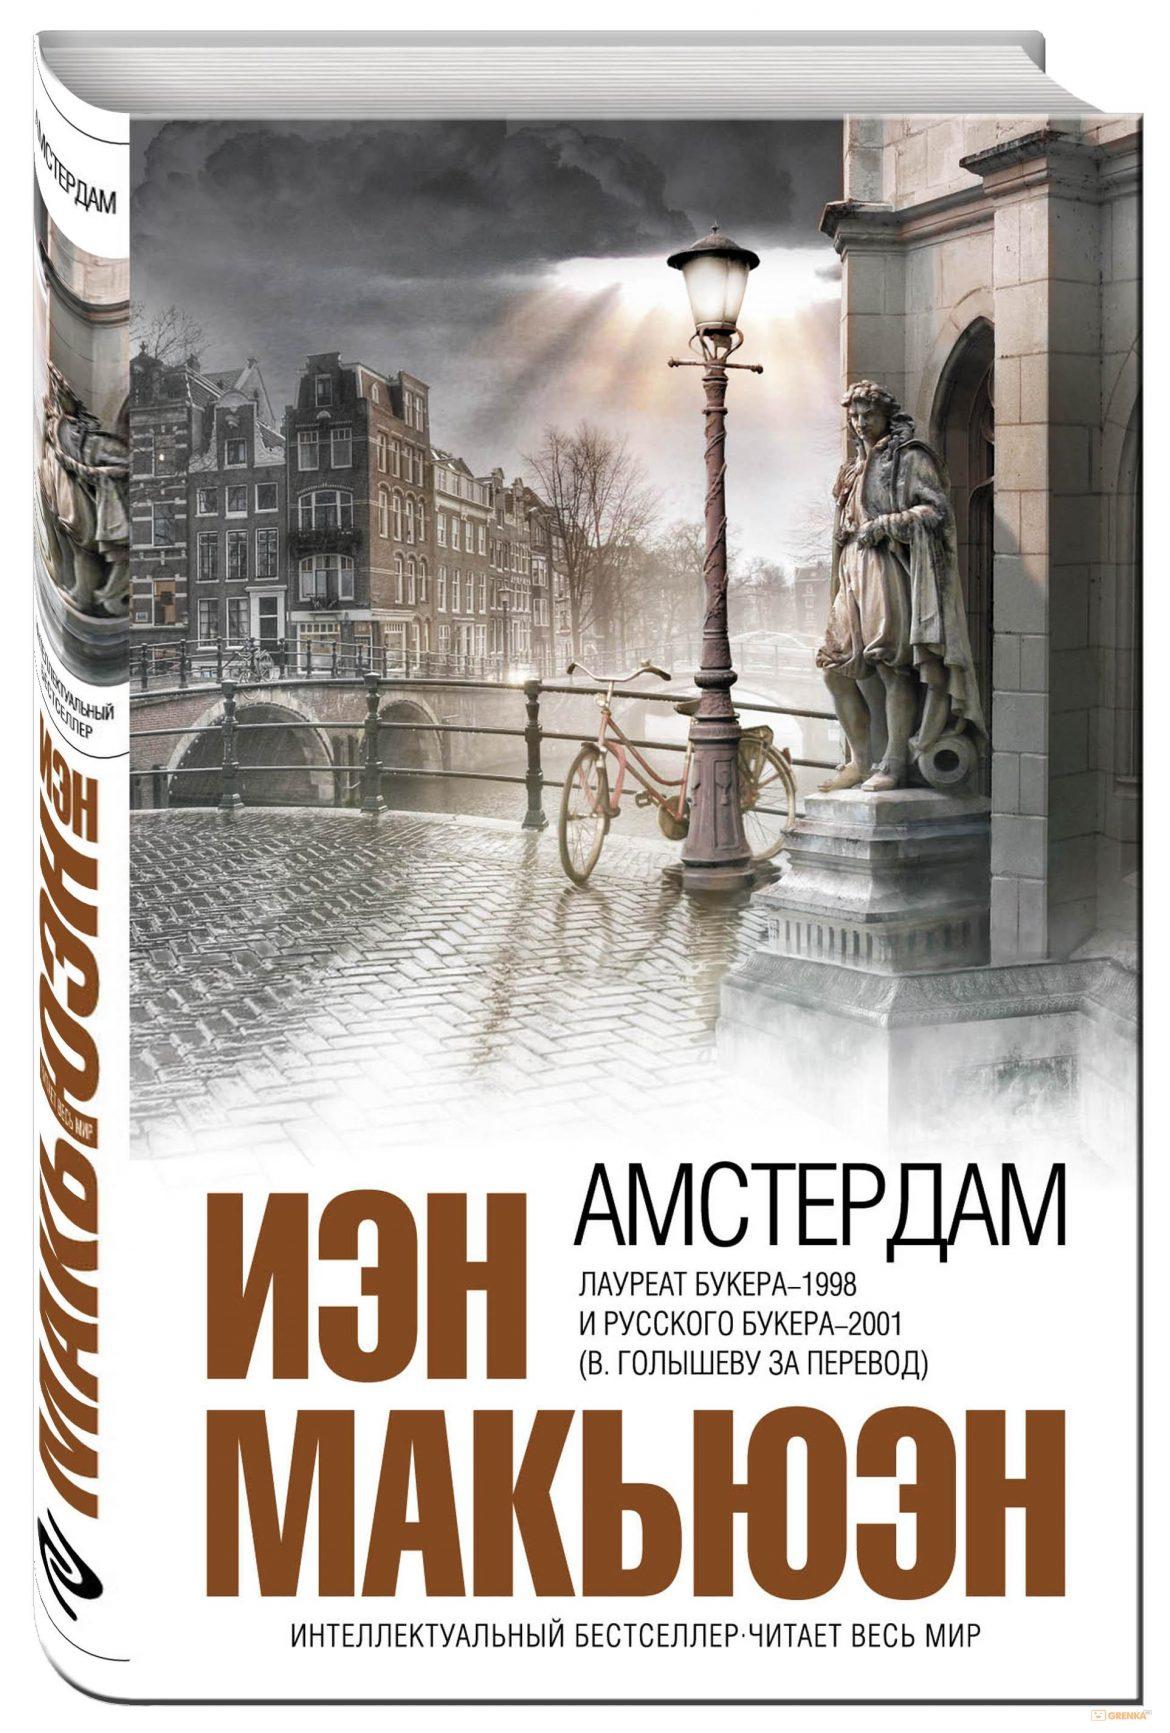 Амстердам — Иэн Макьюэн